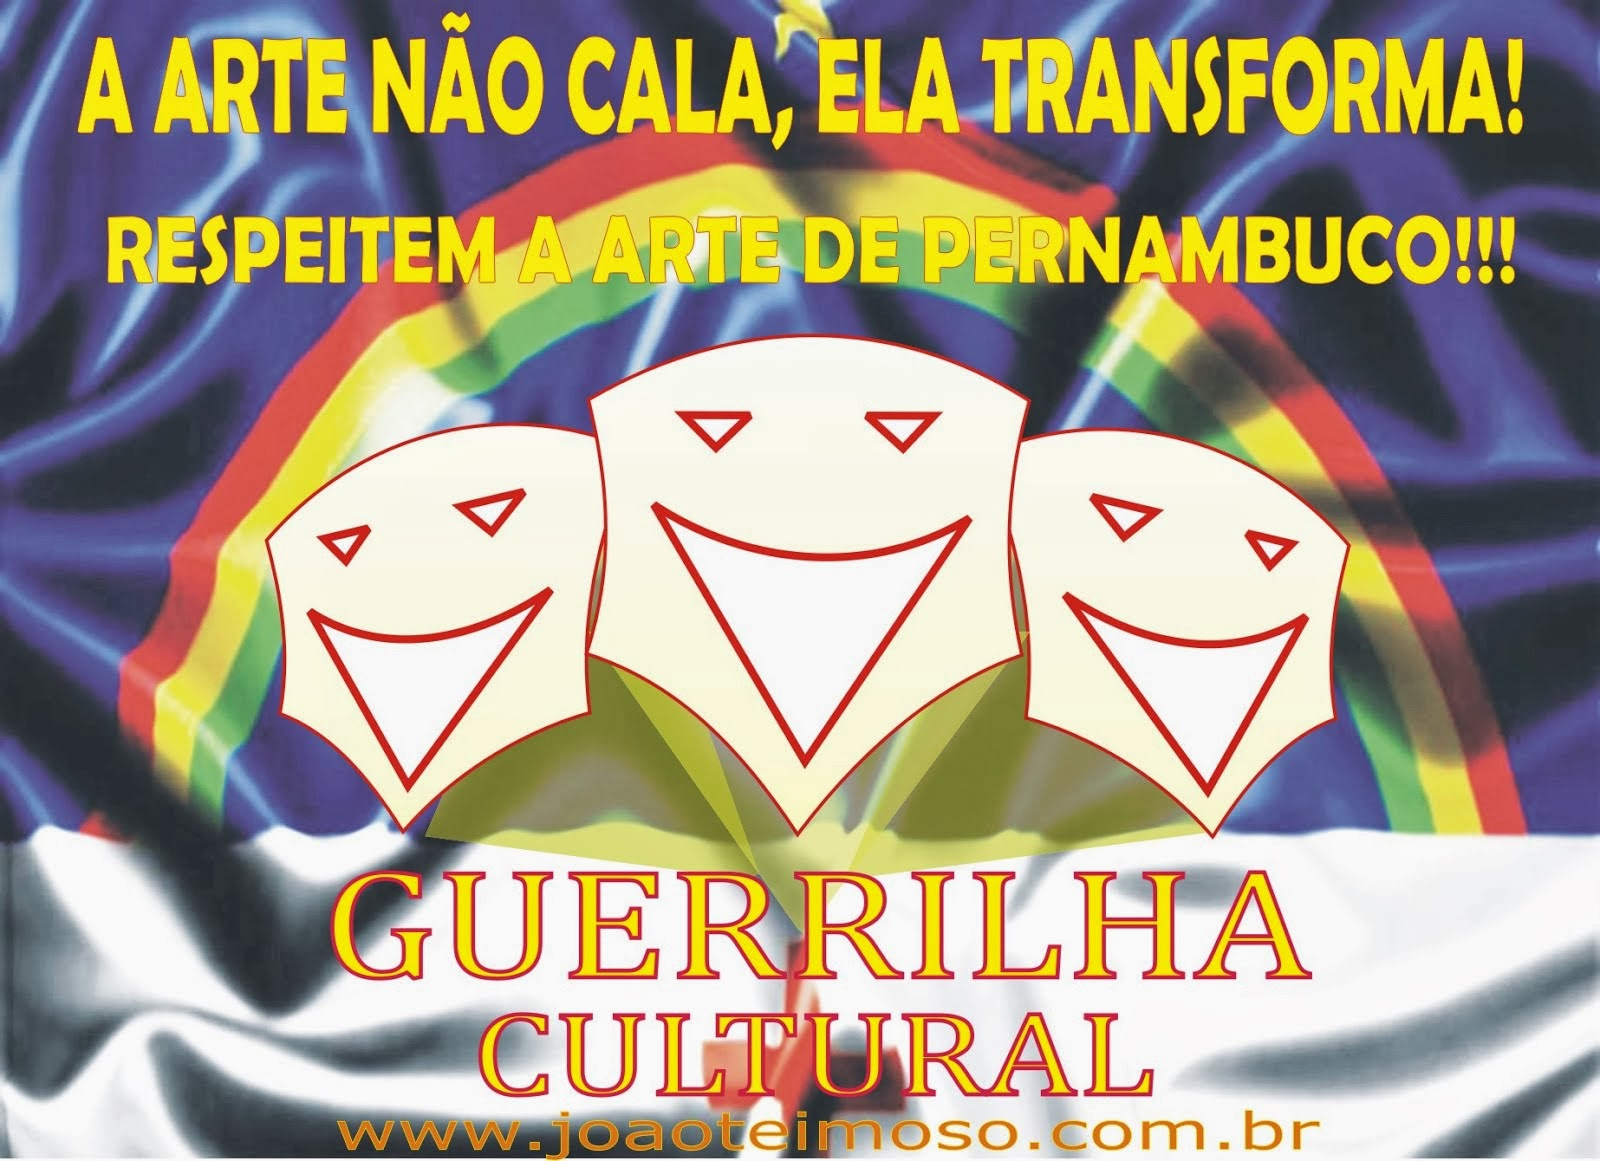 GUERRILHA CULTURAL